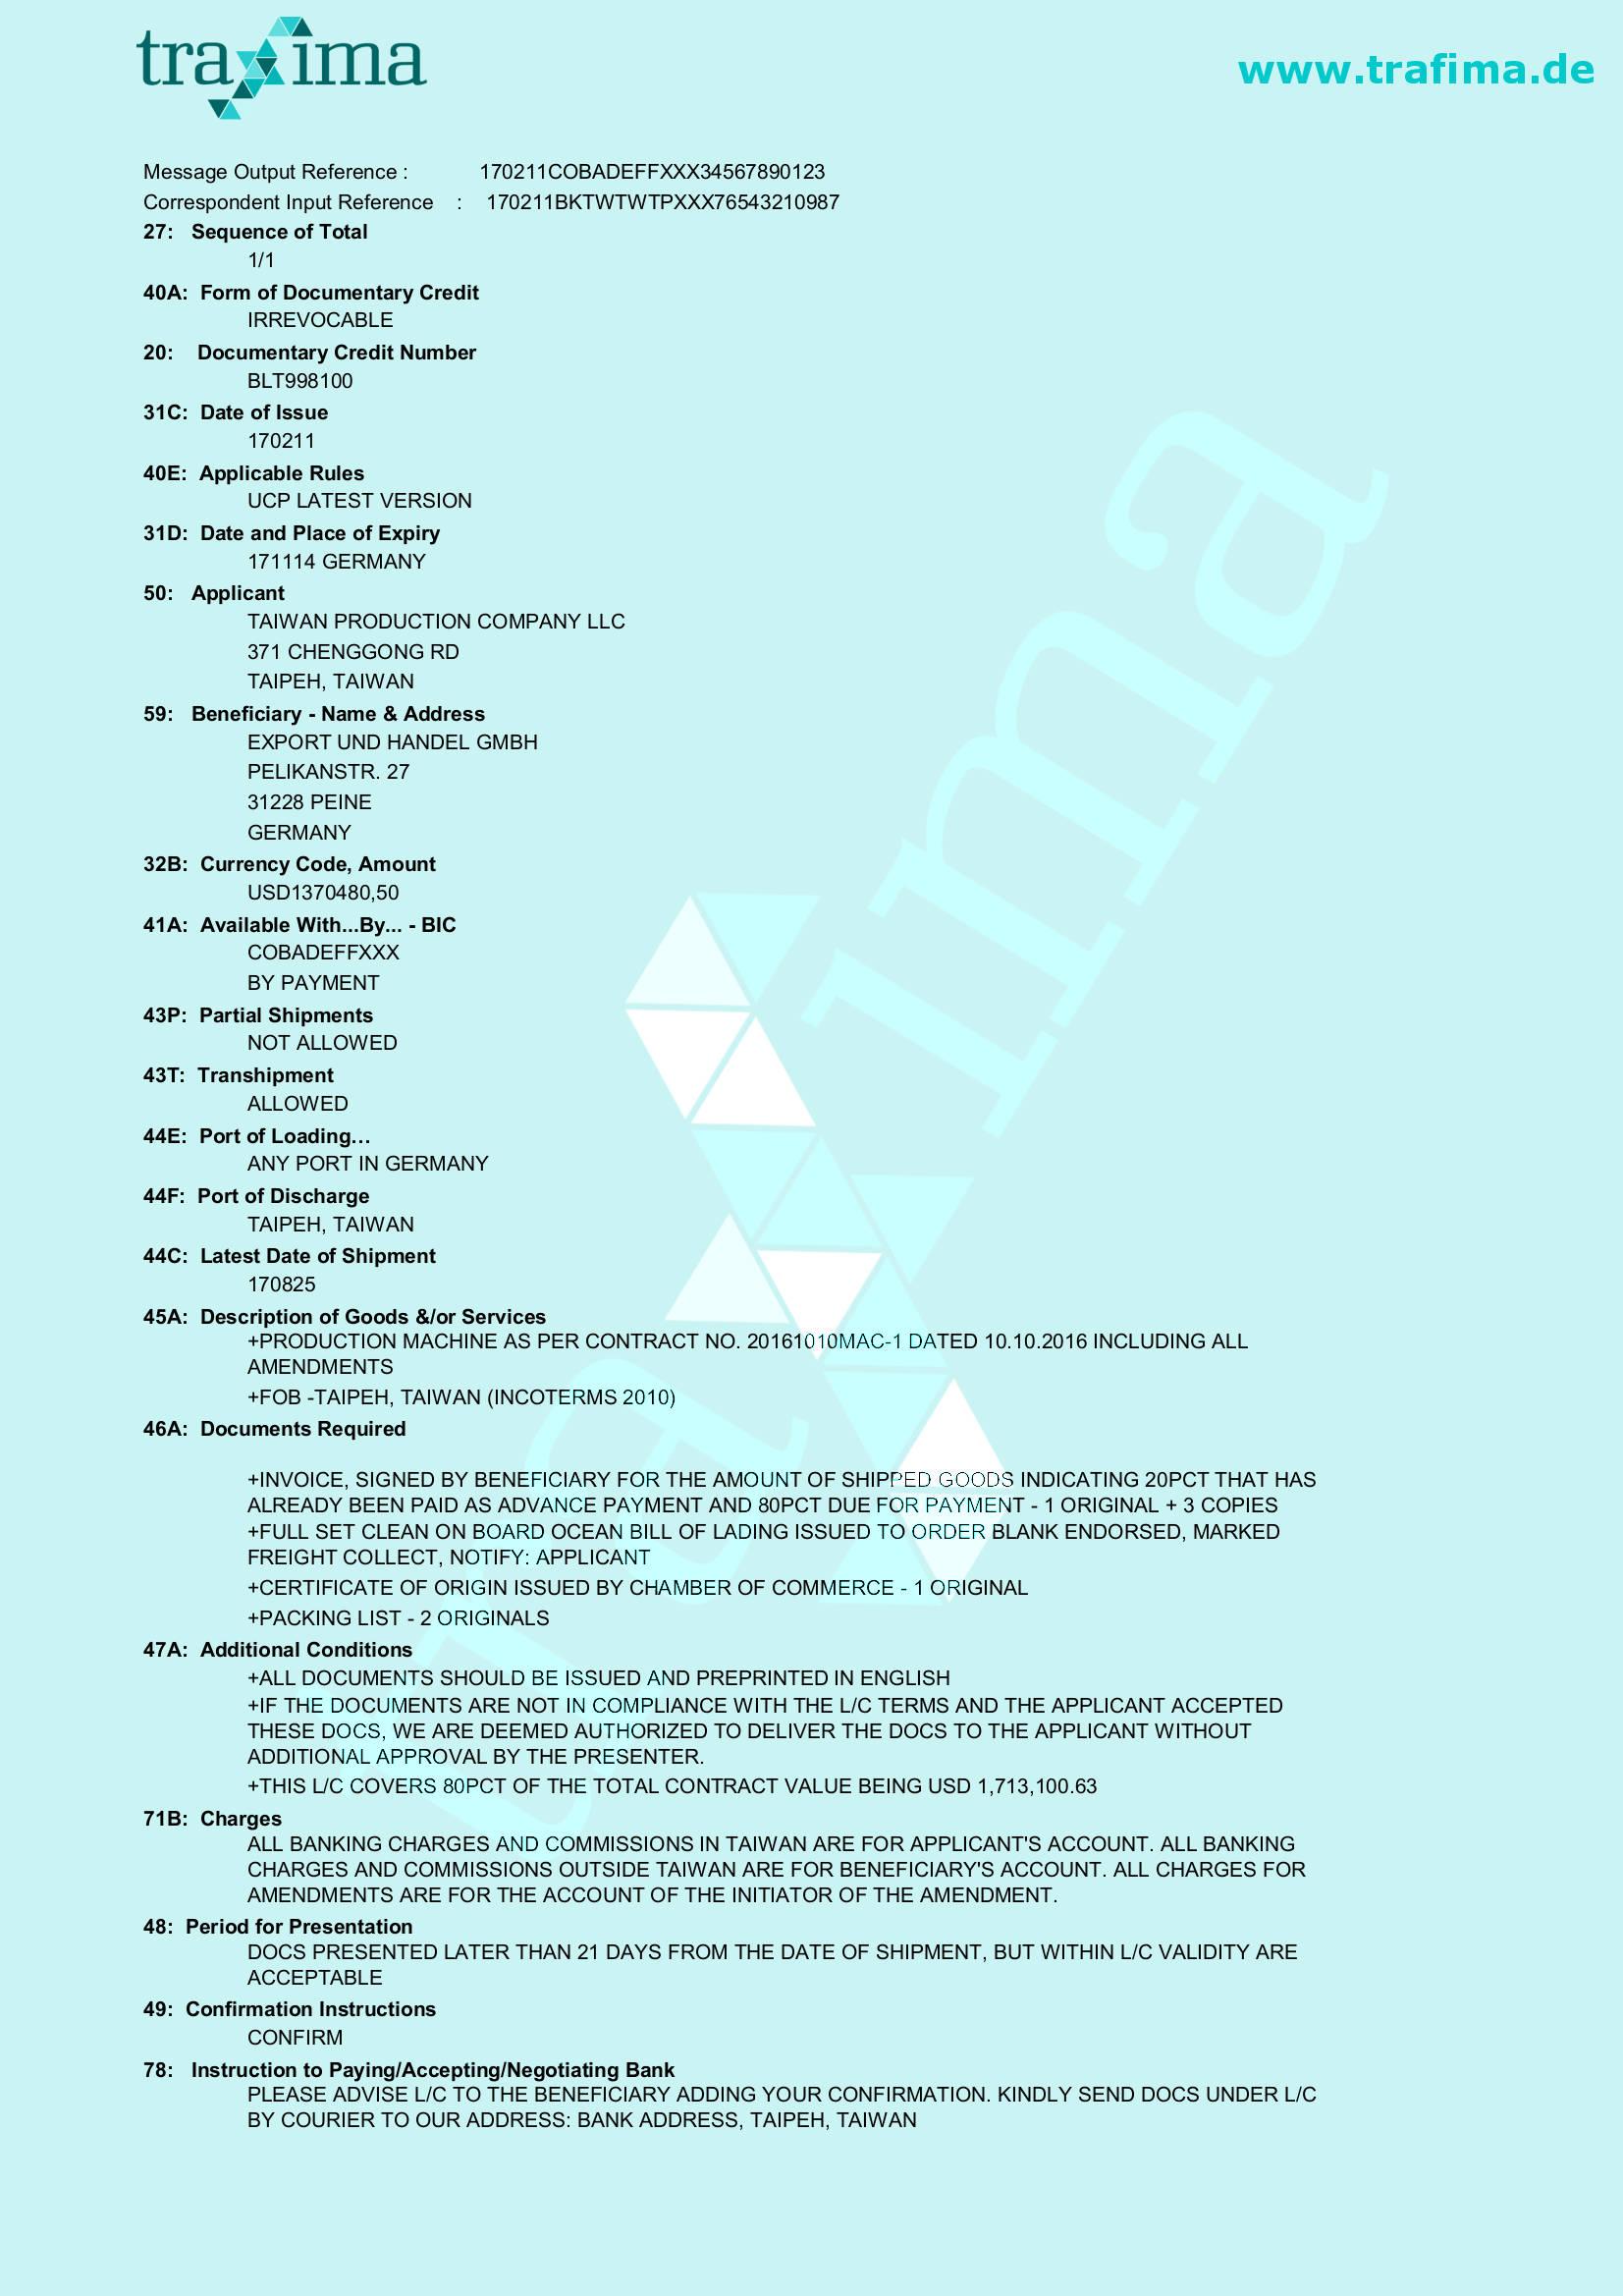 Ein Akkreditiv-Muster für eine Lieferung per Schiff nach Taiwan